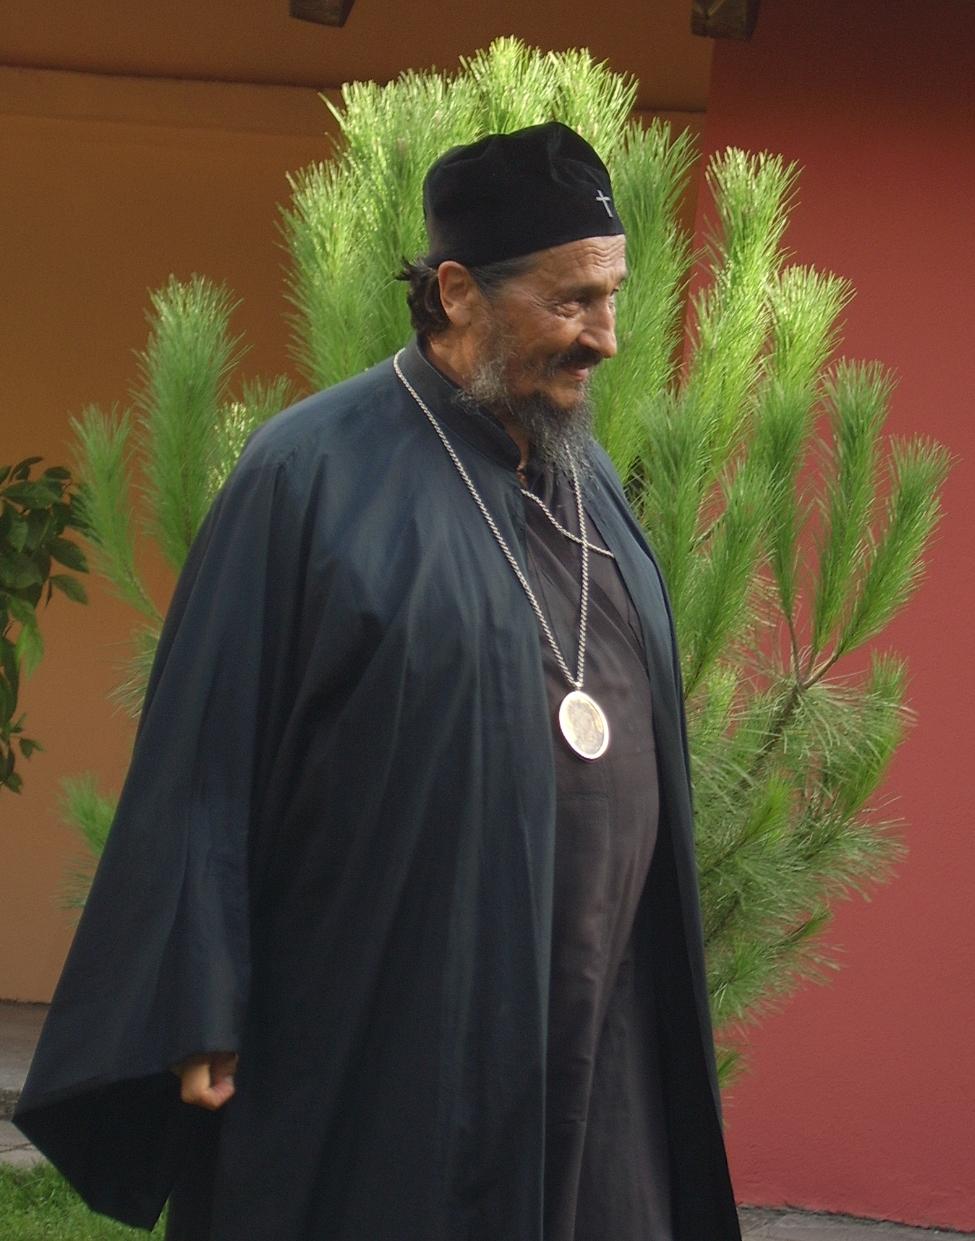 Уснуо у Господу умировљени eпископ Атанасије (Јевтић)